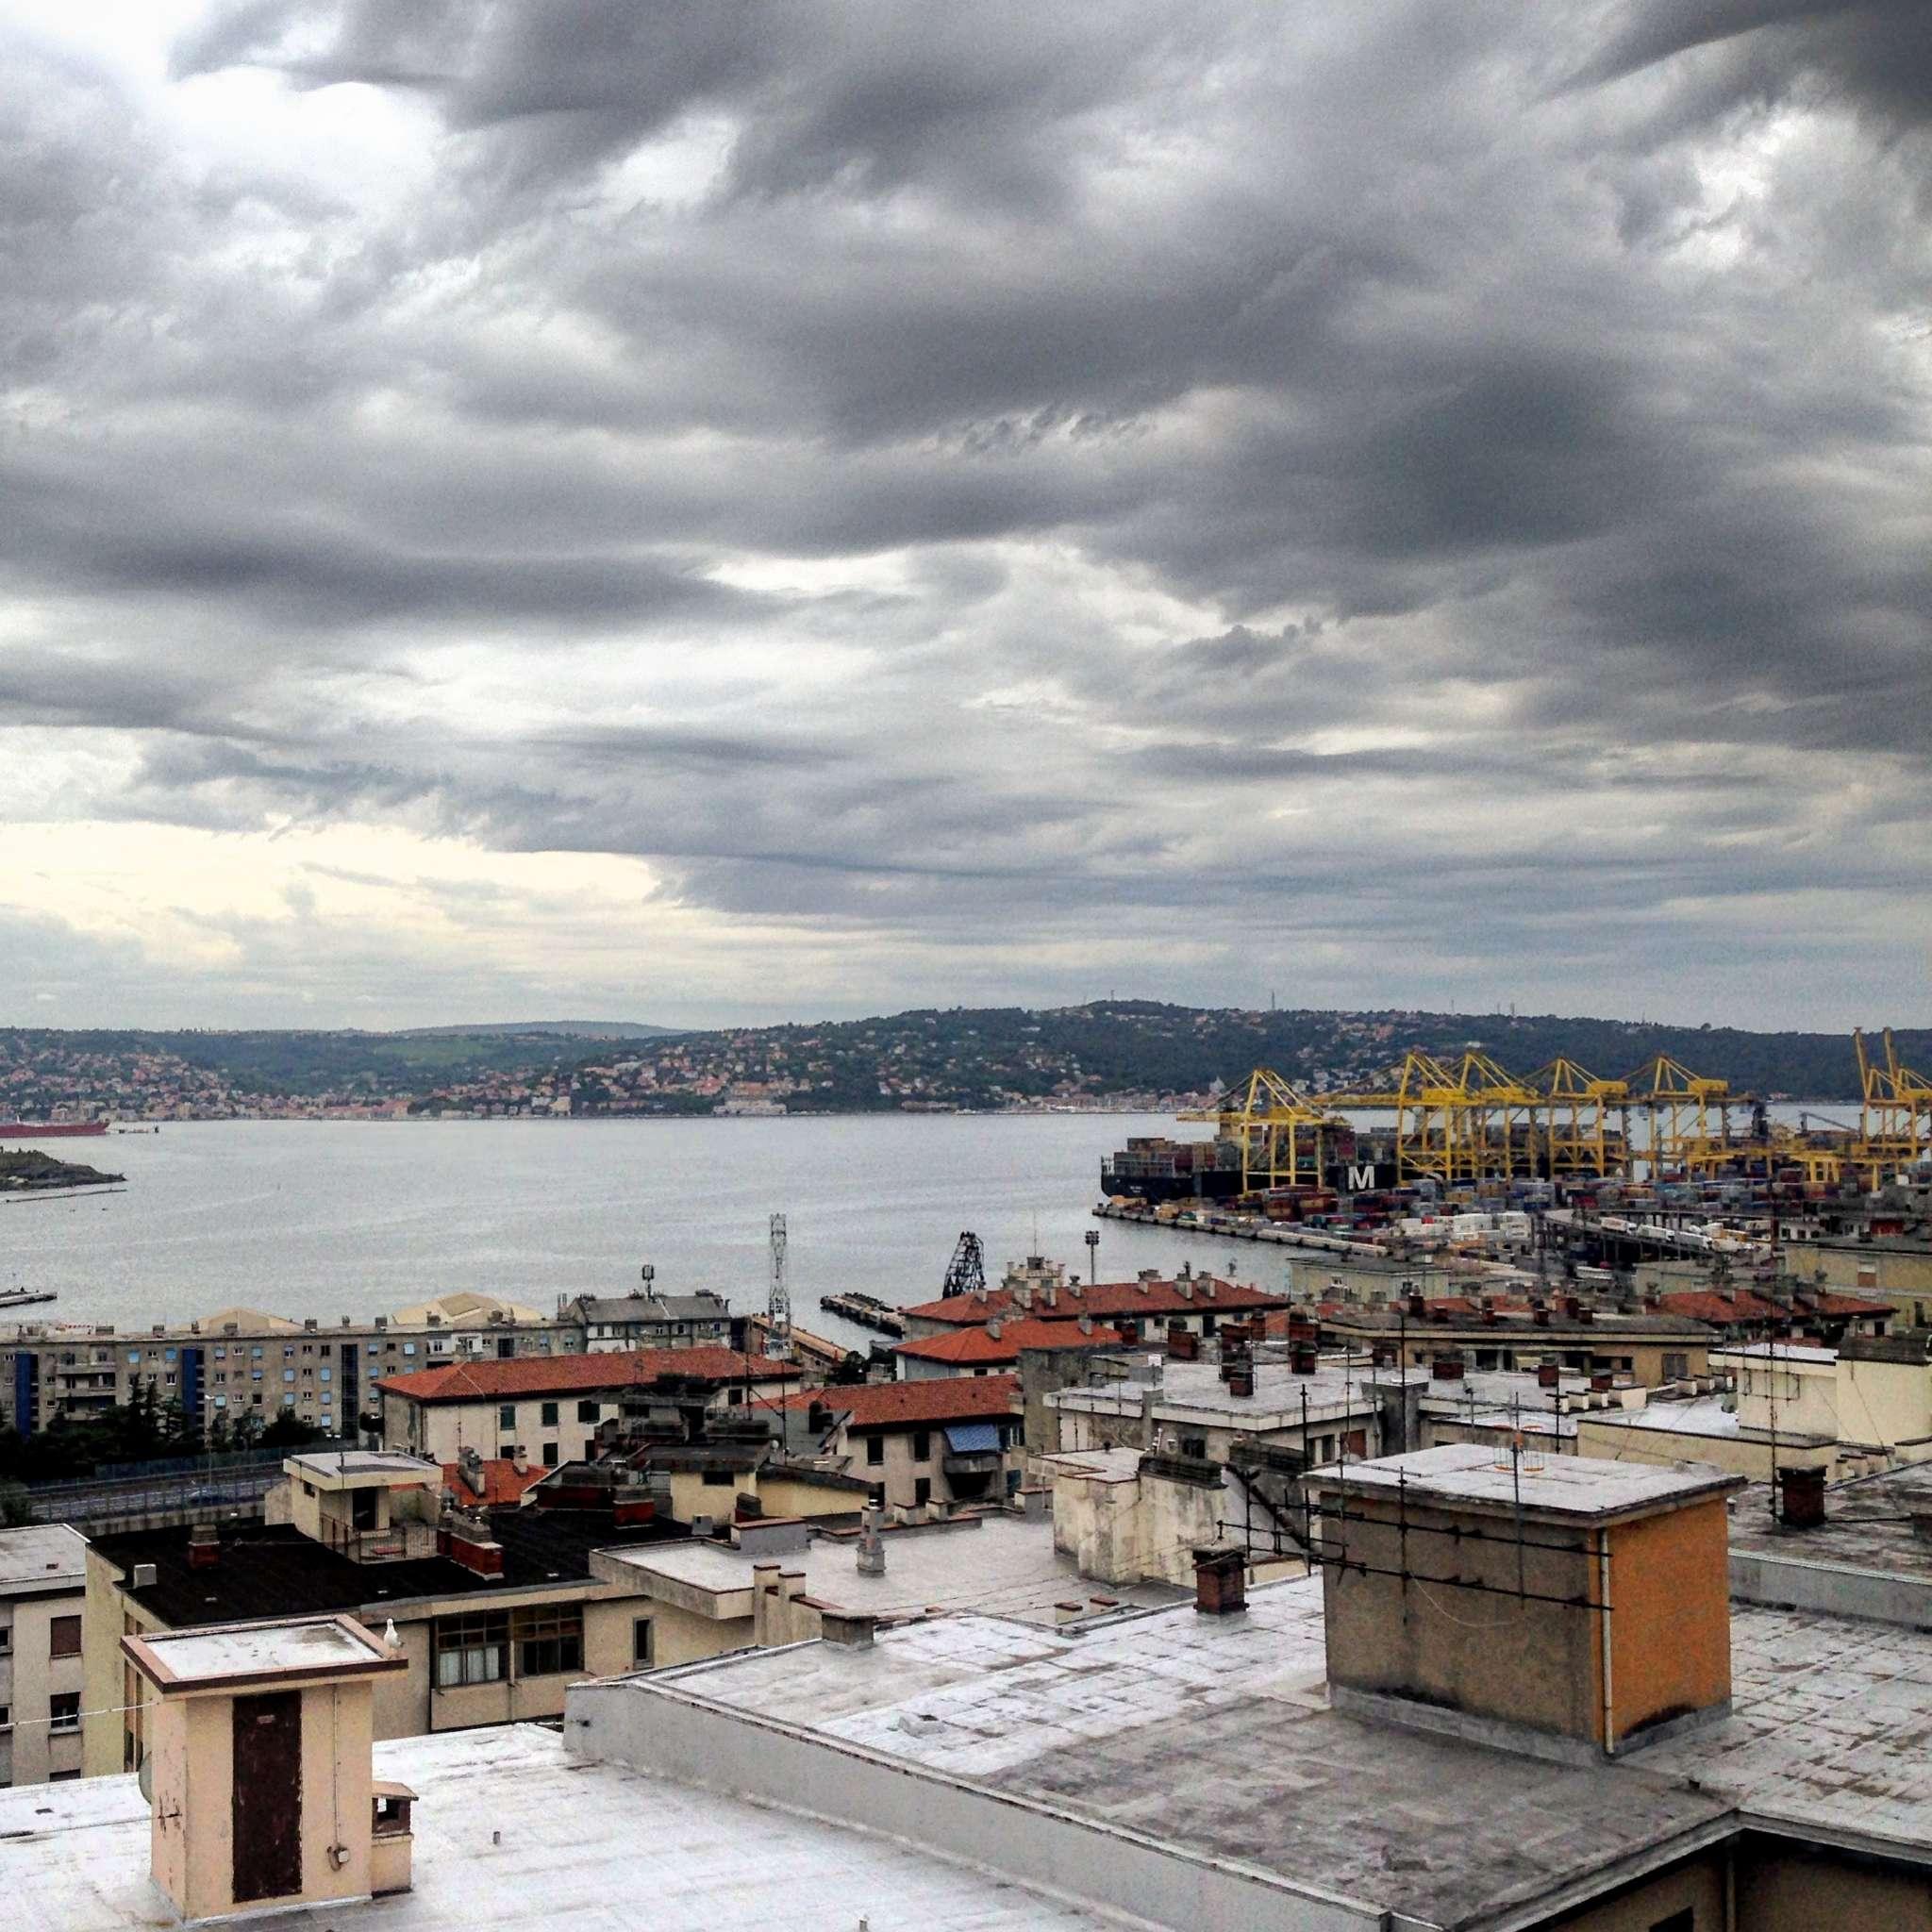 Appartamento in vendita a Trieste, 4 locali, prezzo € 195.000 | CambioCasa.it